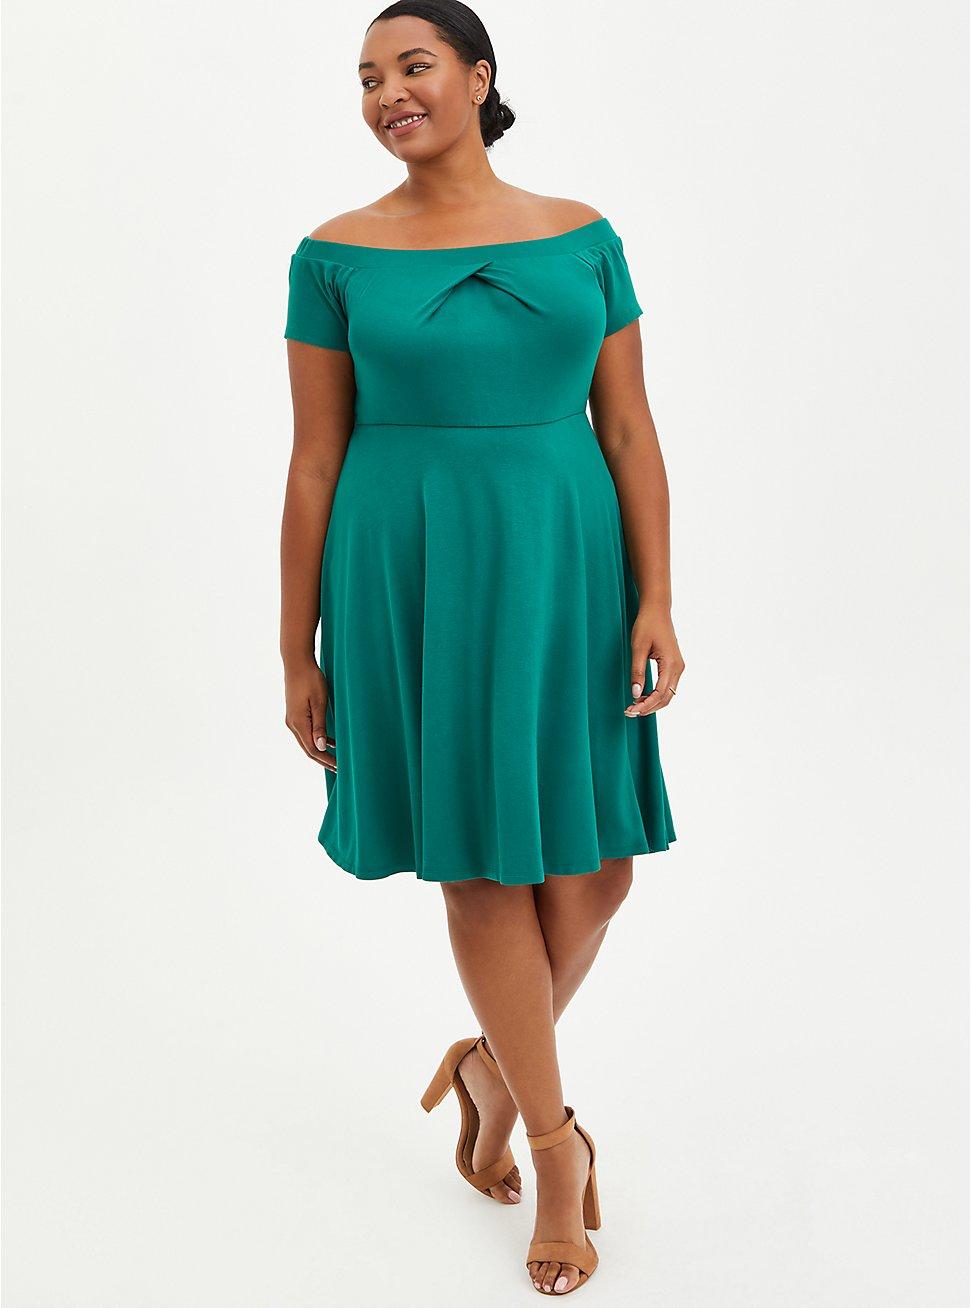 Off-Shoulder Skater Mini Dress - Ponte Green, EVERGREEN, hi-res